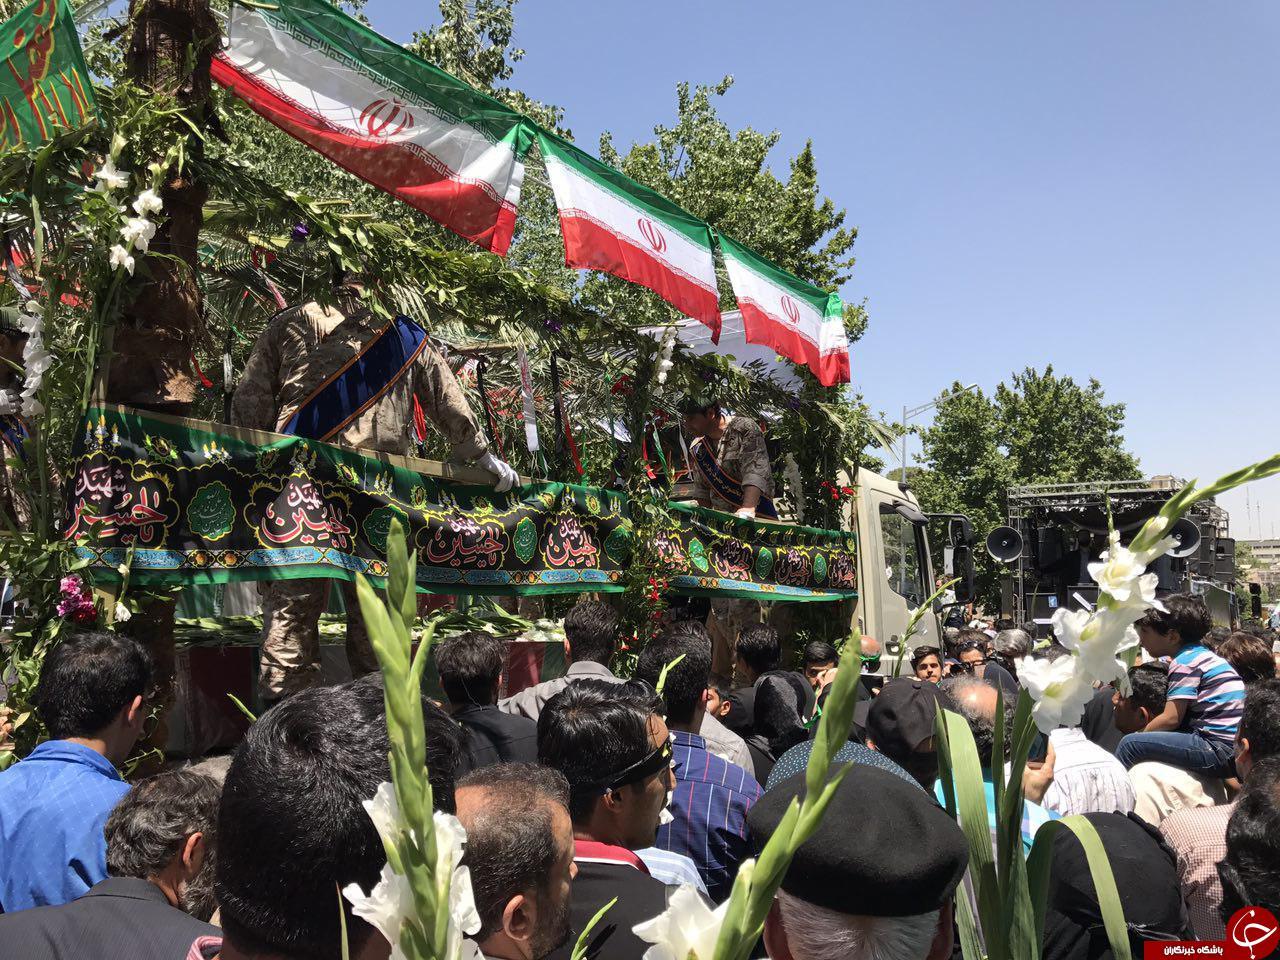 مراسم تشییع پیکر شهدای حوادث تروریستی تهران آغاز شد/حضور باشکوه مردم در مراسم+تصاویر